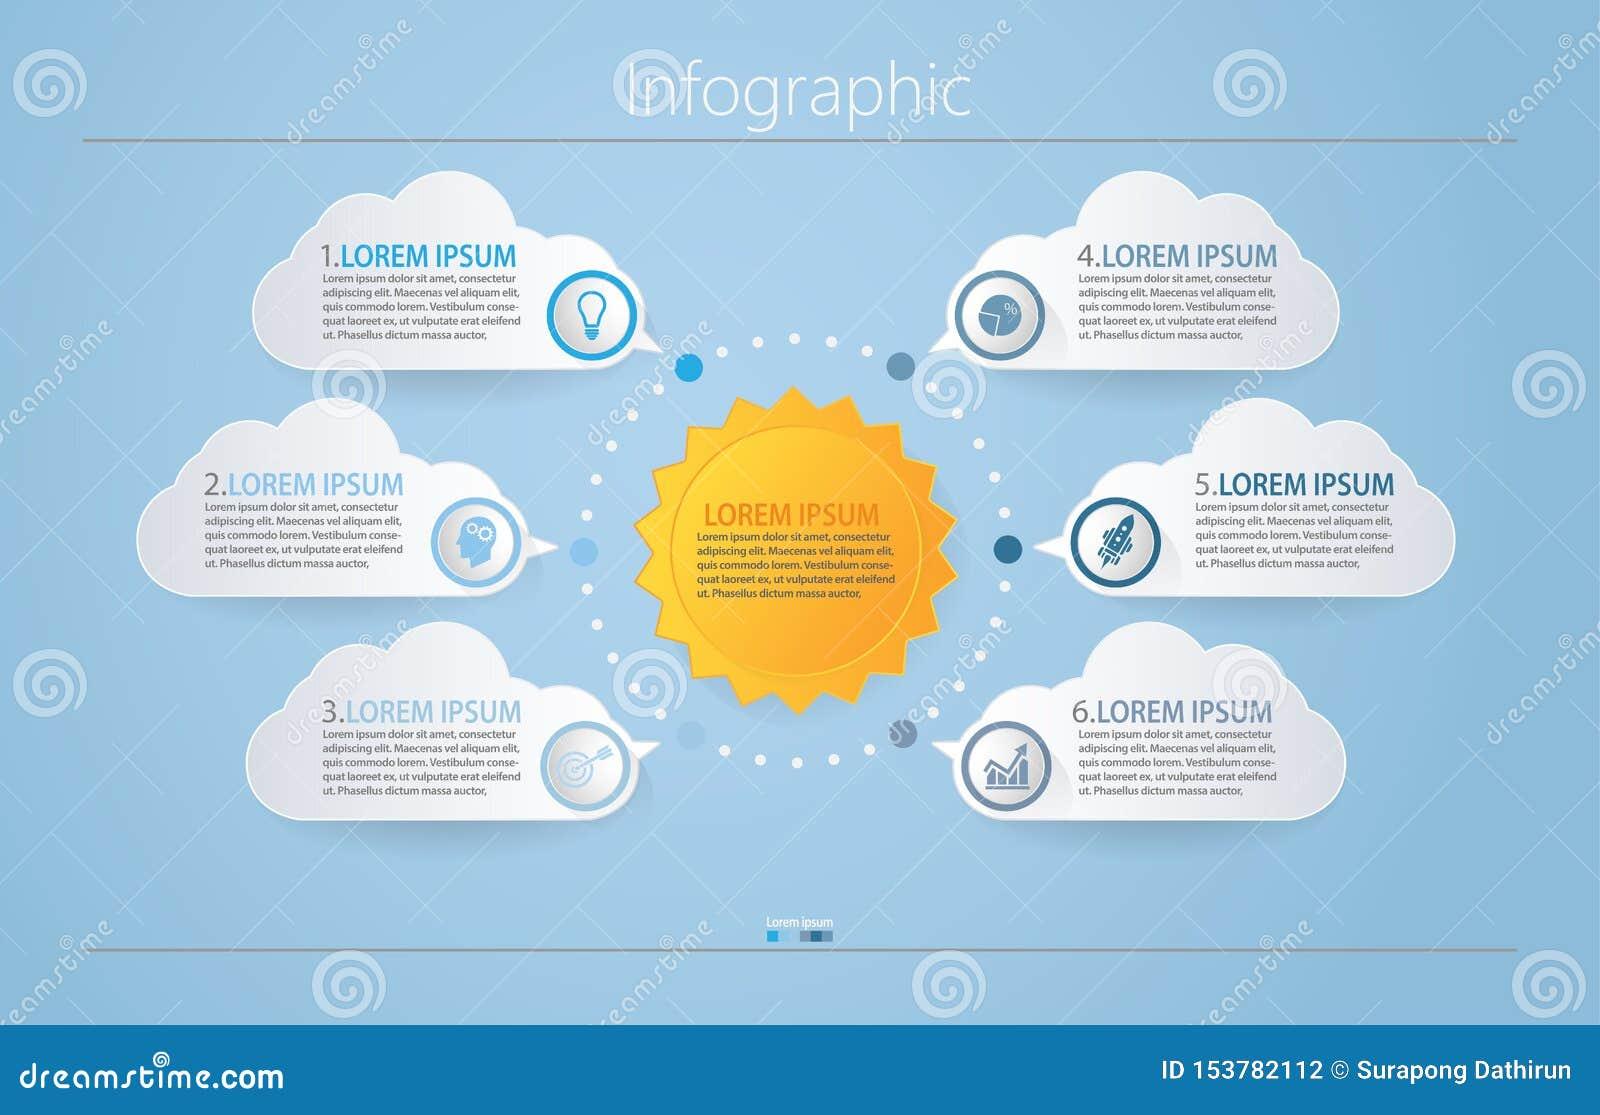 Visualizaci?n de los datos de negocio iconos infographic de la cronolog?a dise?ados para la plantilla abstracta del fondo